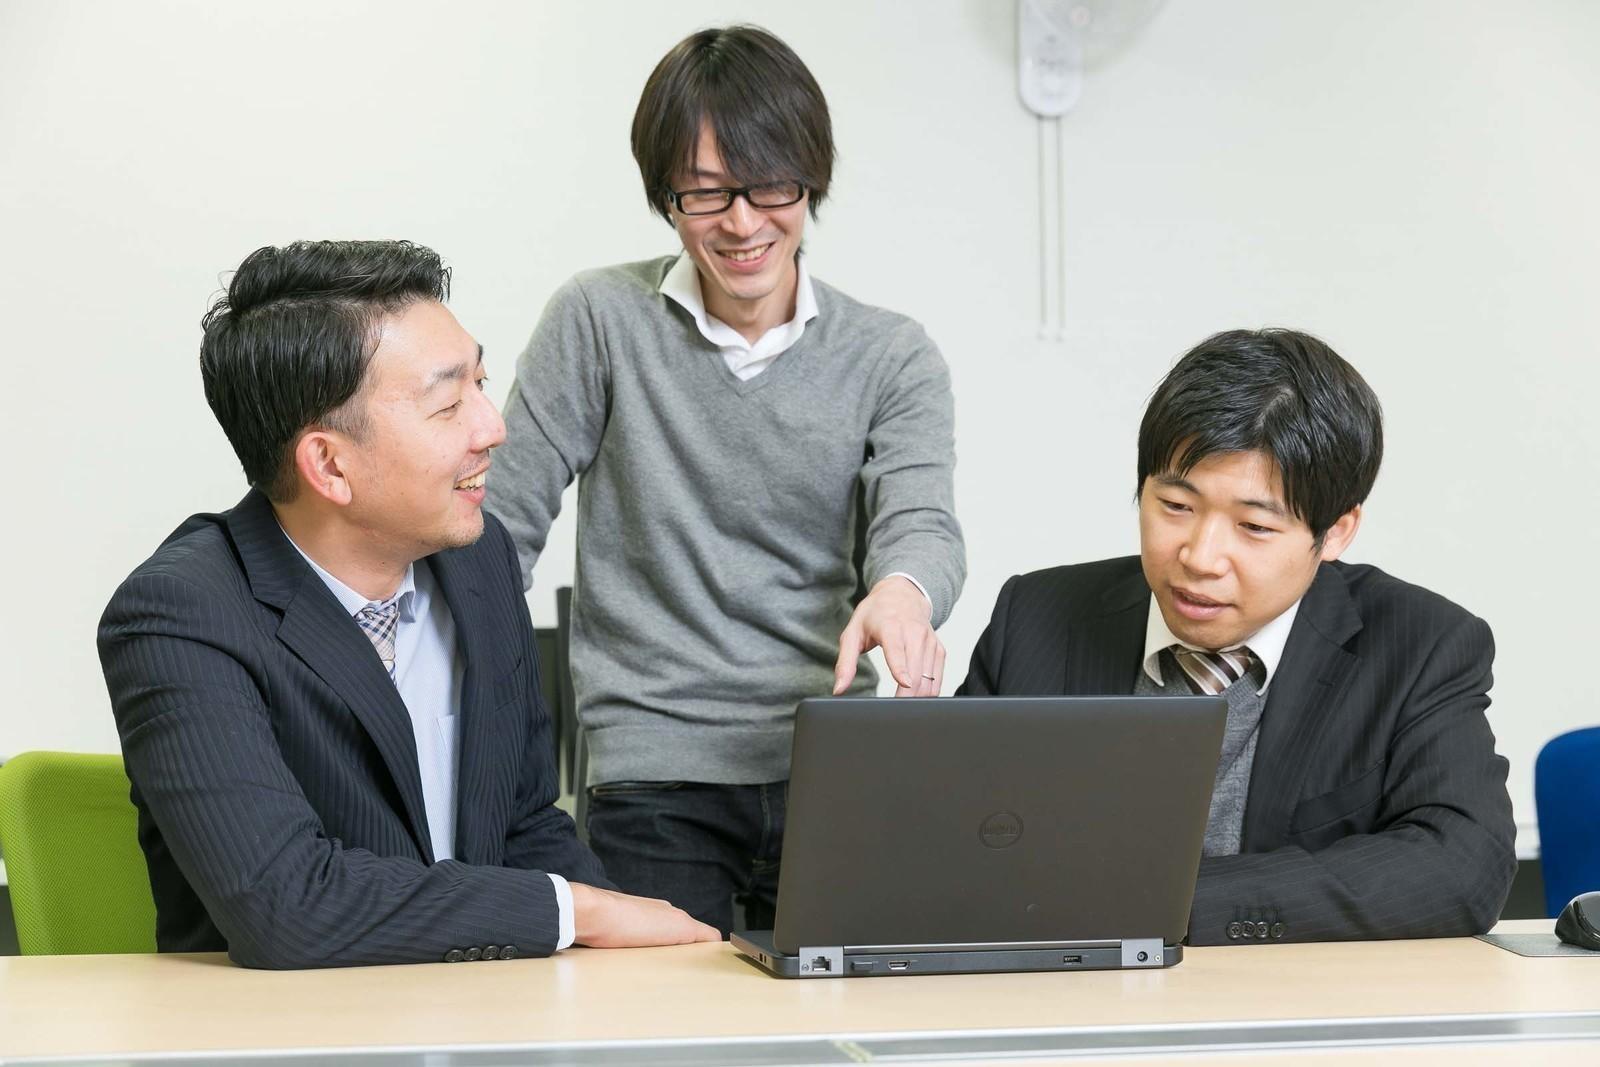 【自社製品・SI経験者歓迎】世界最強のCRM/SFAシステムを開発するJavaエンジニア募集(アドオン開発)